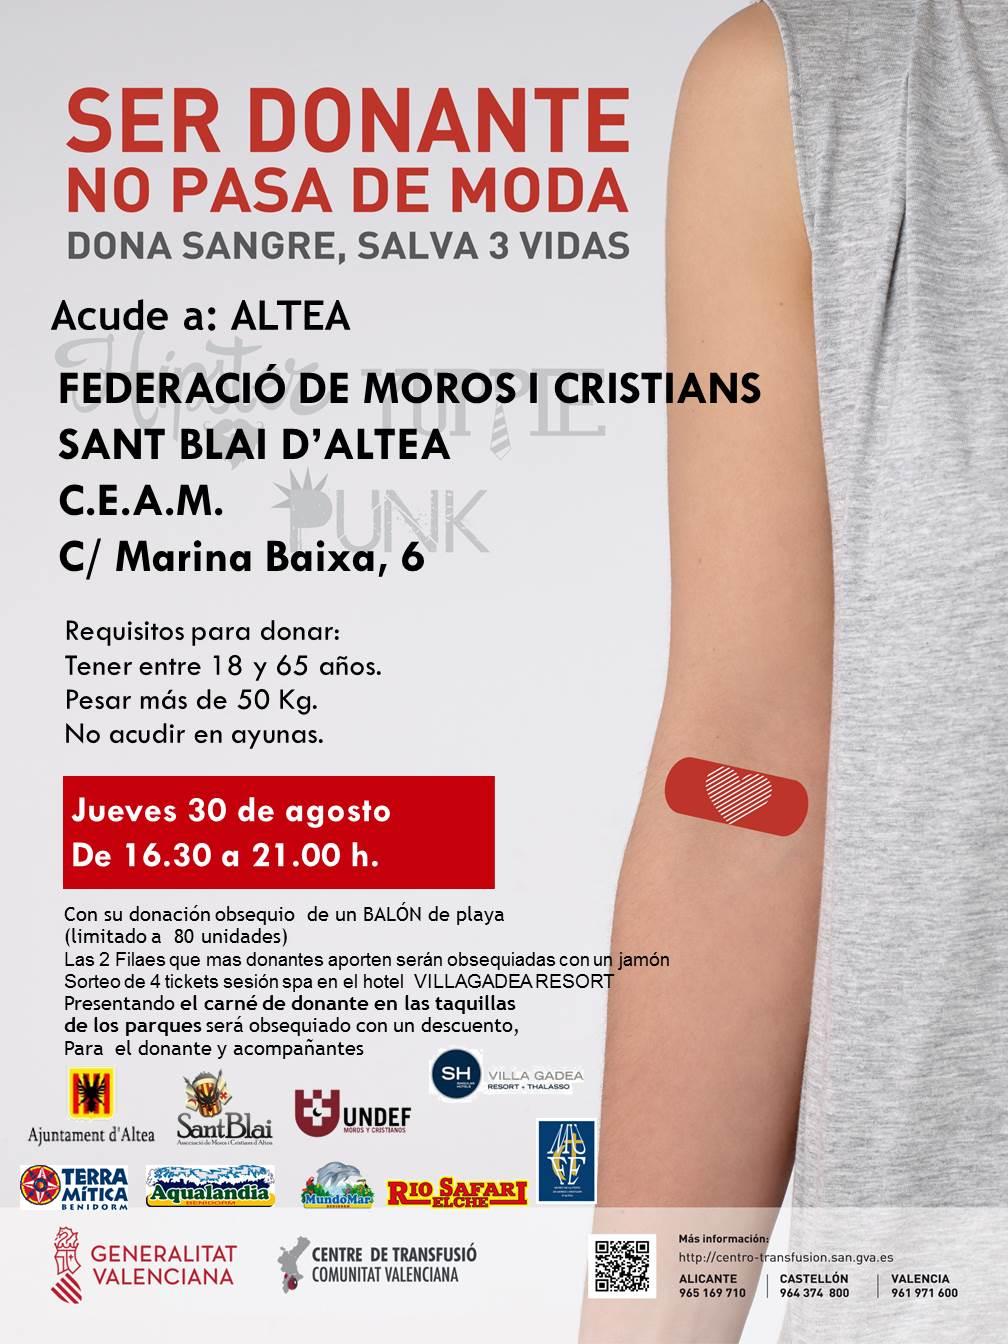 Dijous 30 d'agost, de 9:30 a 13:30h i de 16:30 a 21:00h en el CEAM, pots donar sang i salvar tres vides